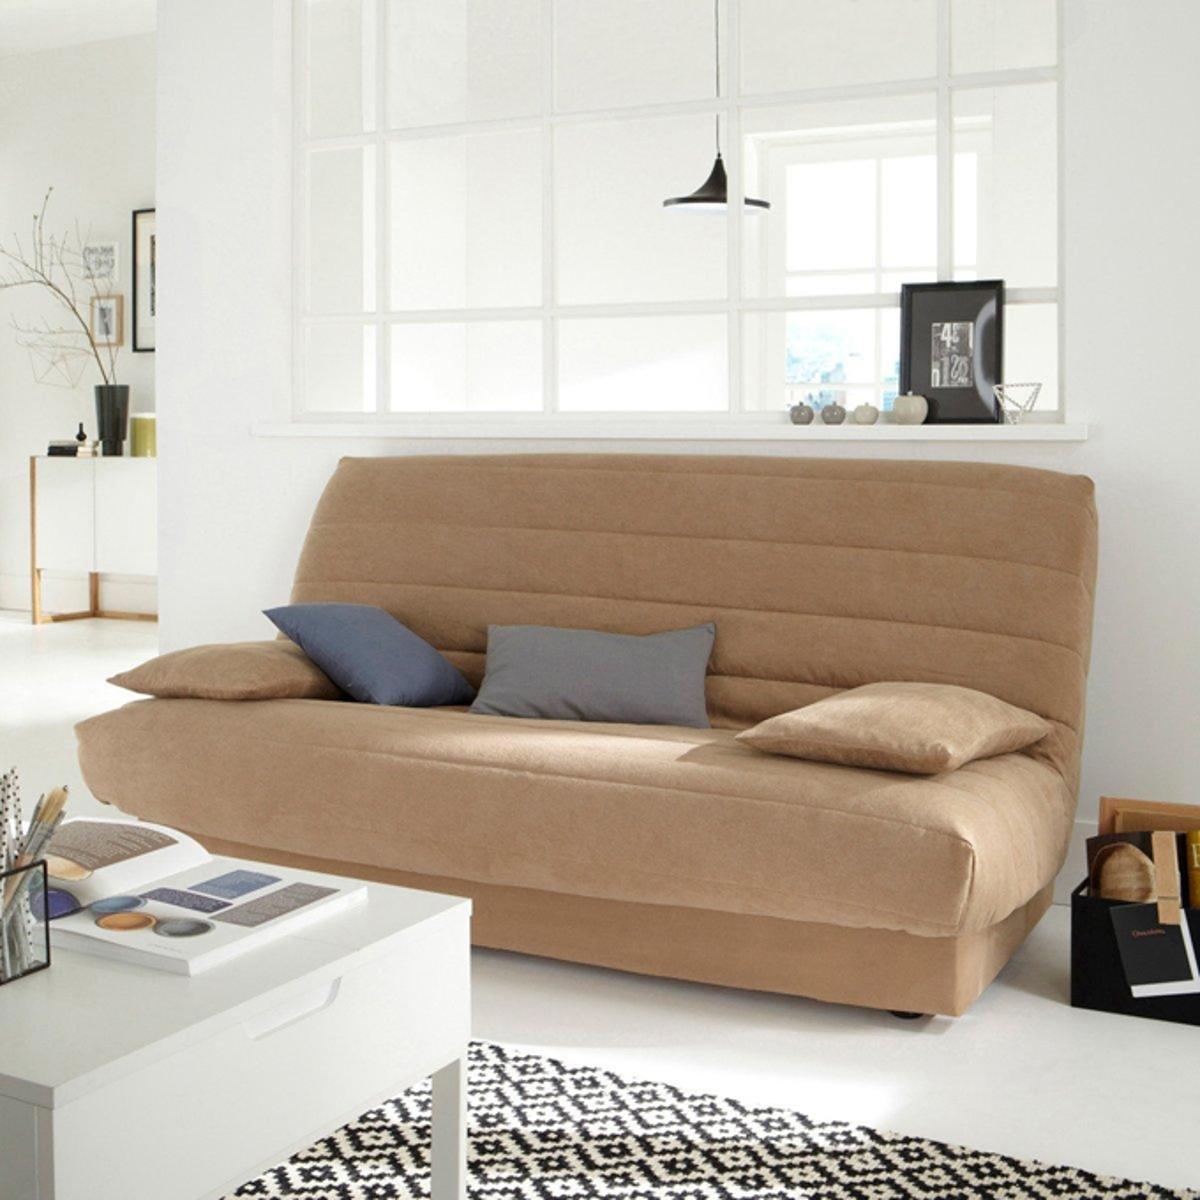 Чехол из искусственной замши для основания раскладного дивана. от La Redoute